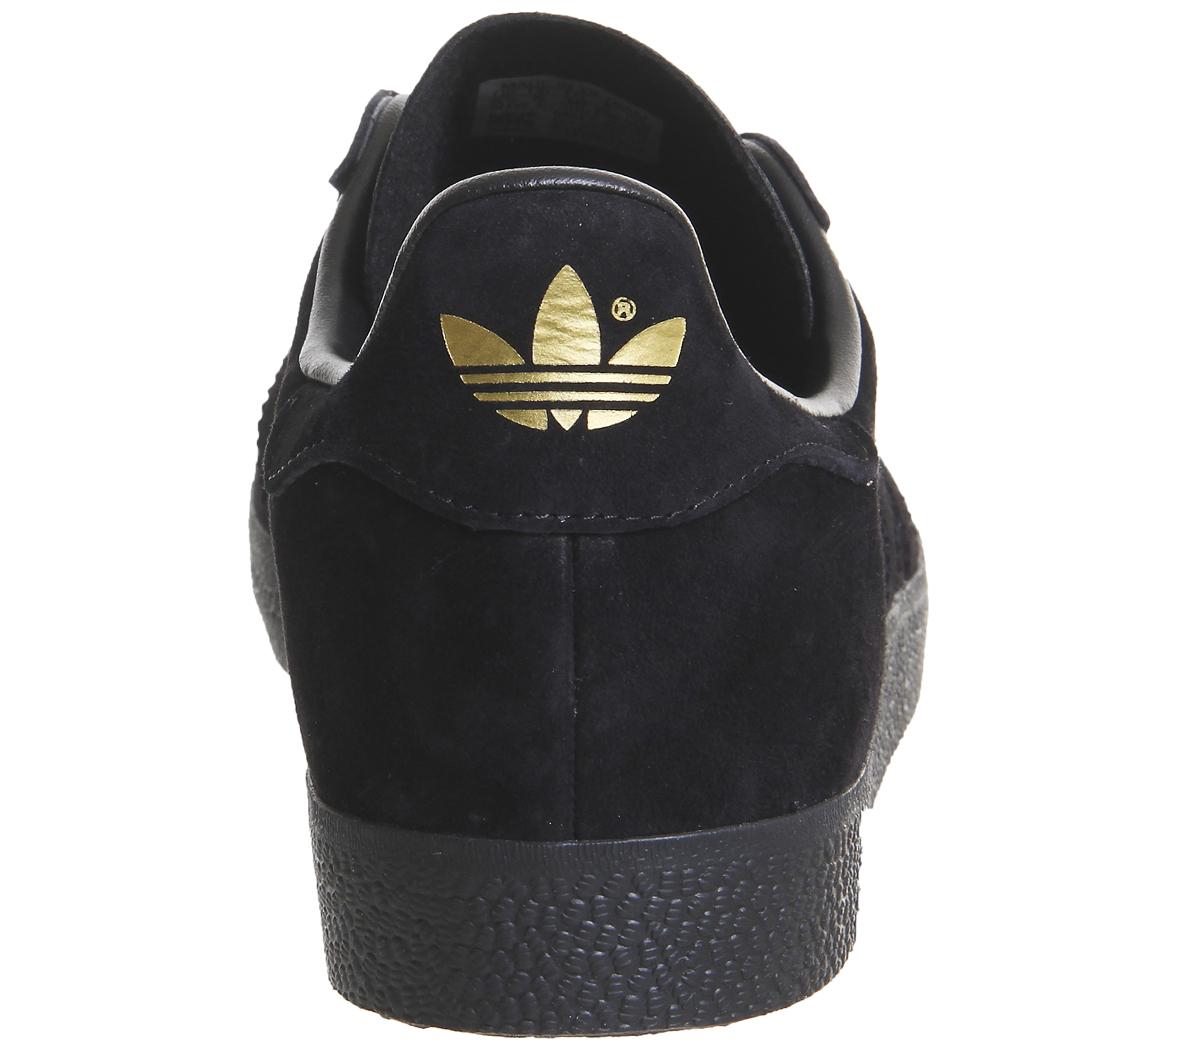 Adidas-Gazelle-Zapatillas-Negro-Oro-Exclusivo-ZAPATILLAS-DEPORTIVAS